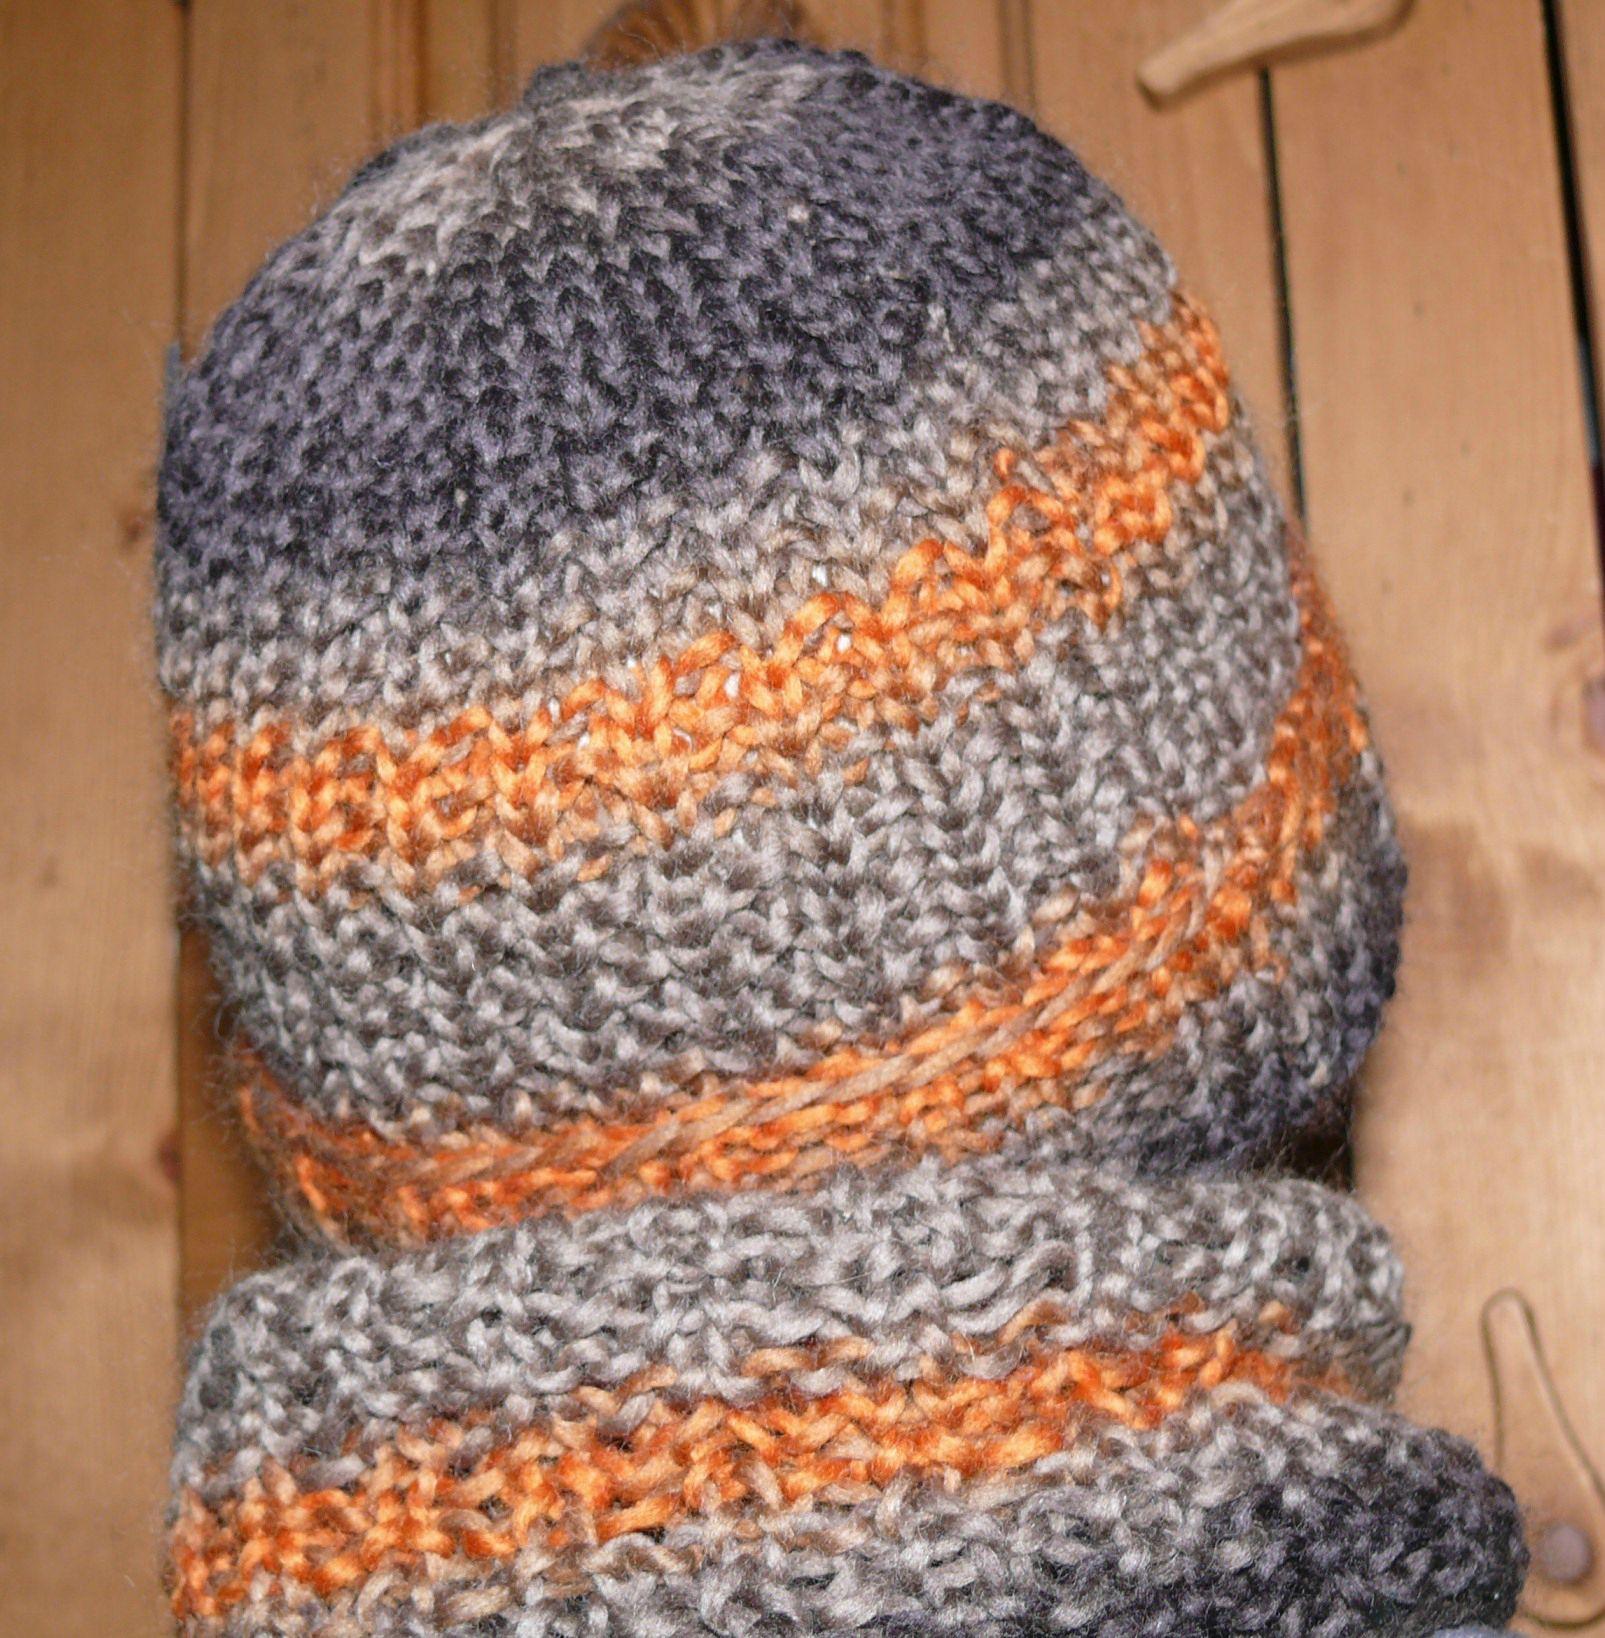 tricoter un bonnet aiguille 5. Black Bedroom Furniture Sets. Home Design Ideas